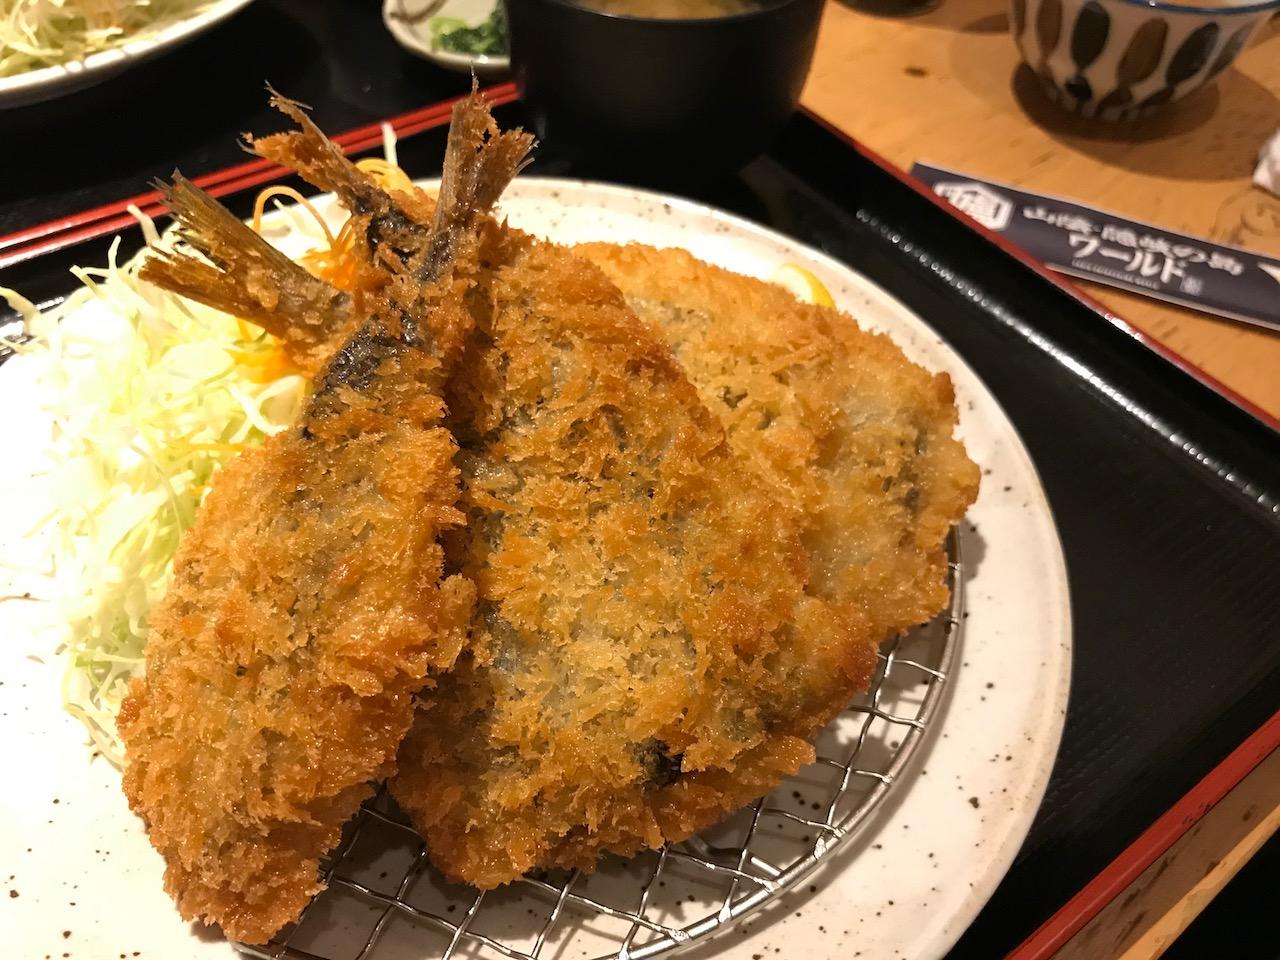 美味ランチ!三宮駅前の「山陰・隠岐の島ワールド」で境港ミックスフライ定食を食べてきた!